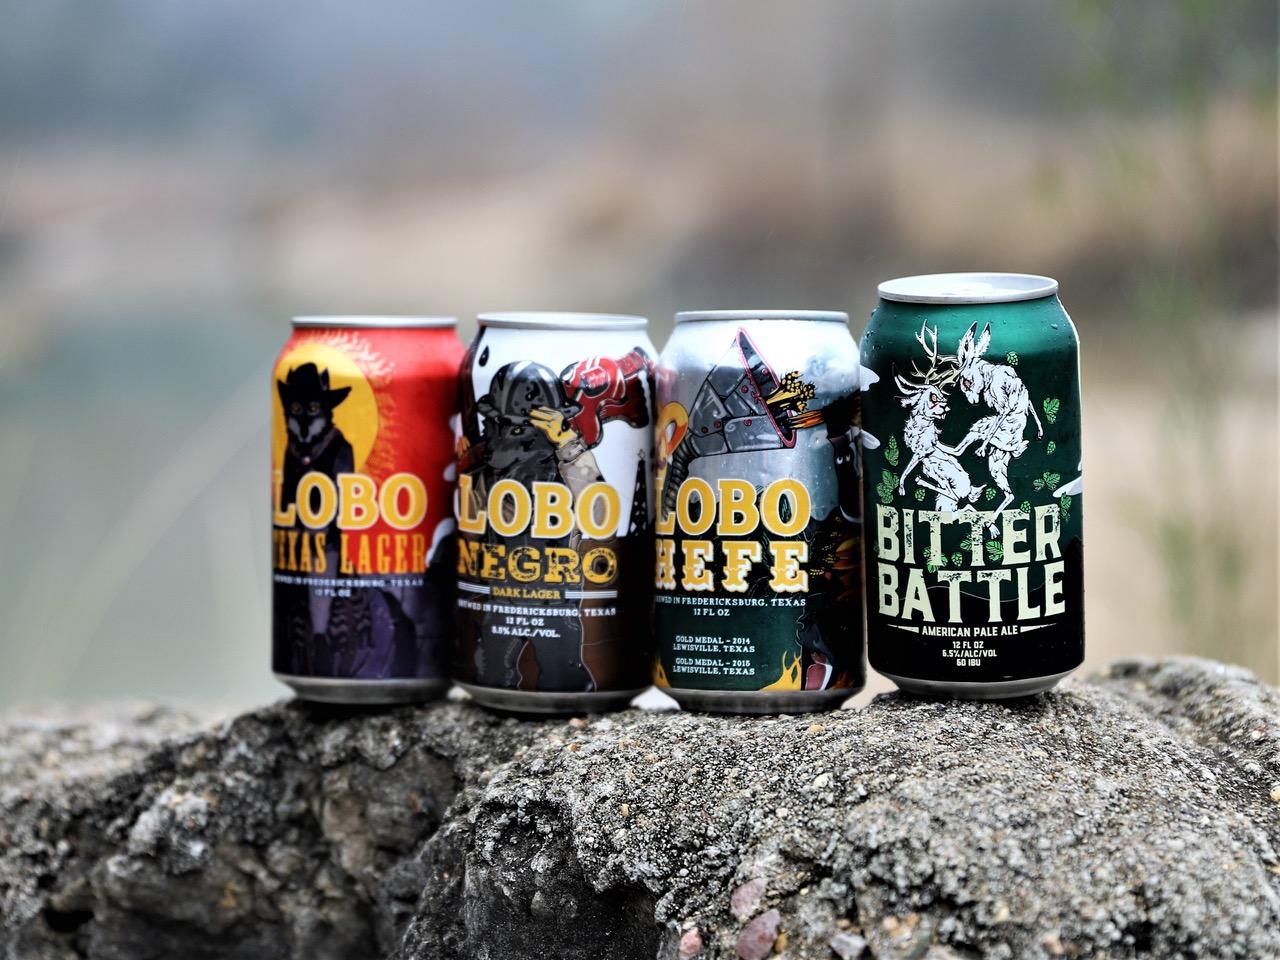 Beers from Pedernales